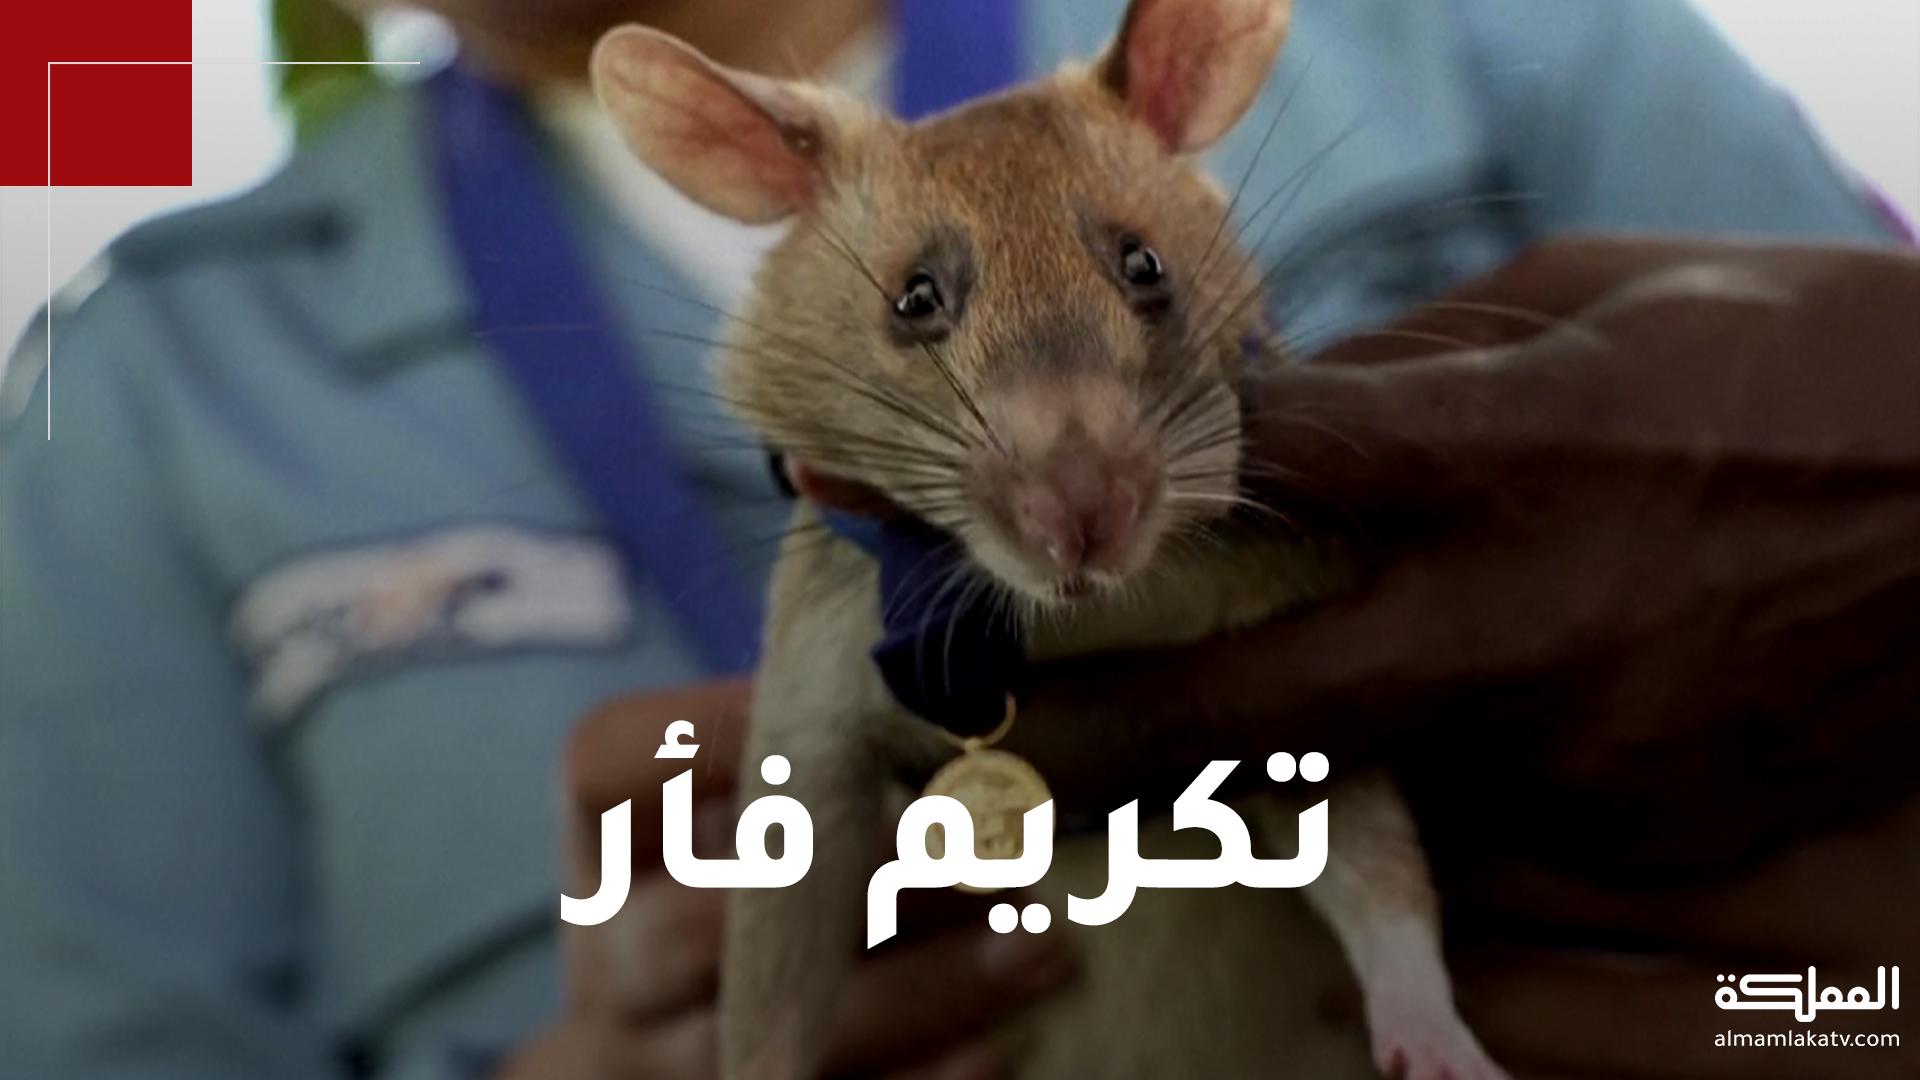 فأر يمنح ميدالية ذهبية لمساهمته في حماية الأرواح